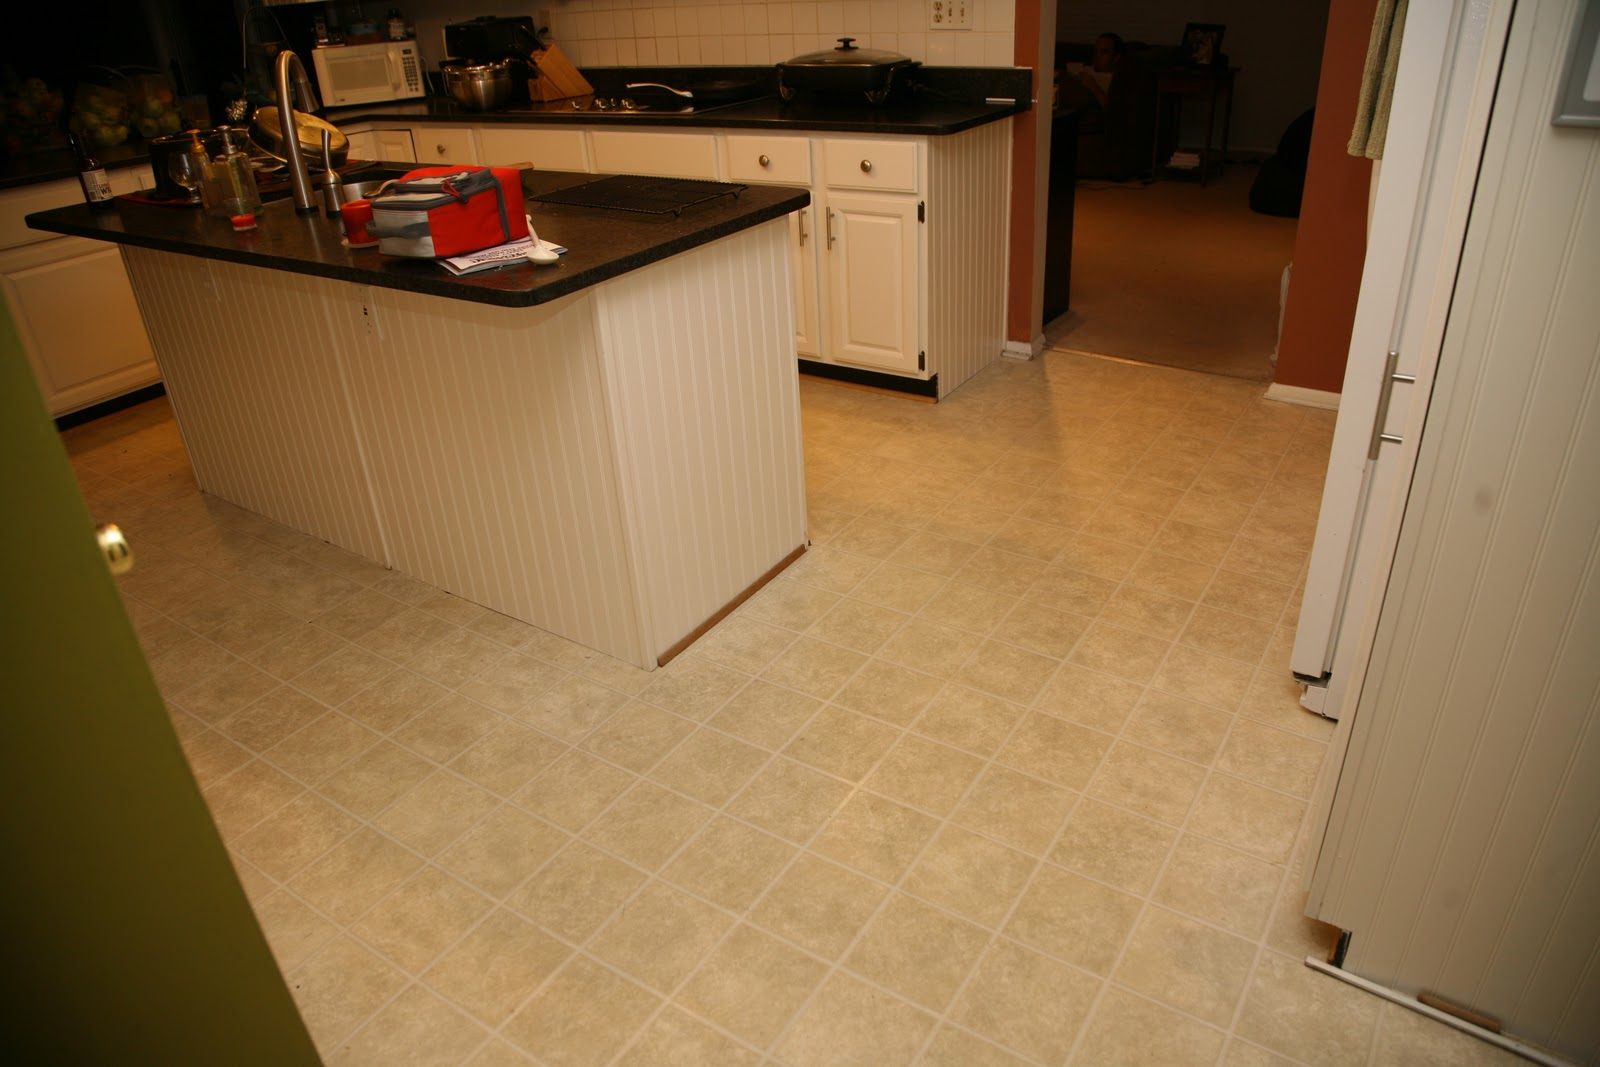 shutter mug new kitchen floors. Black Bedroom Furniture Sets. Home Design Ideas